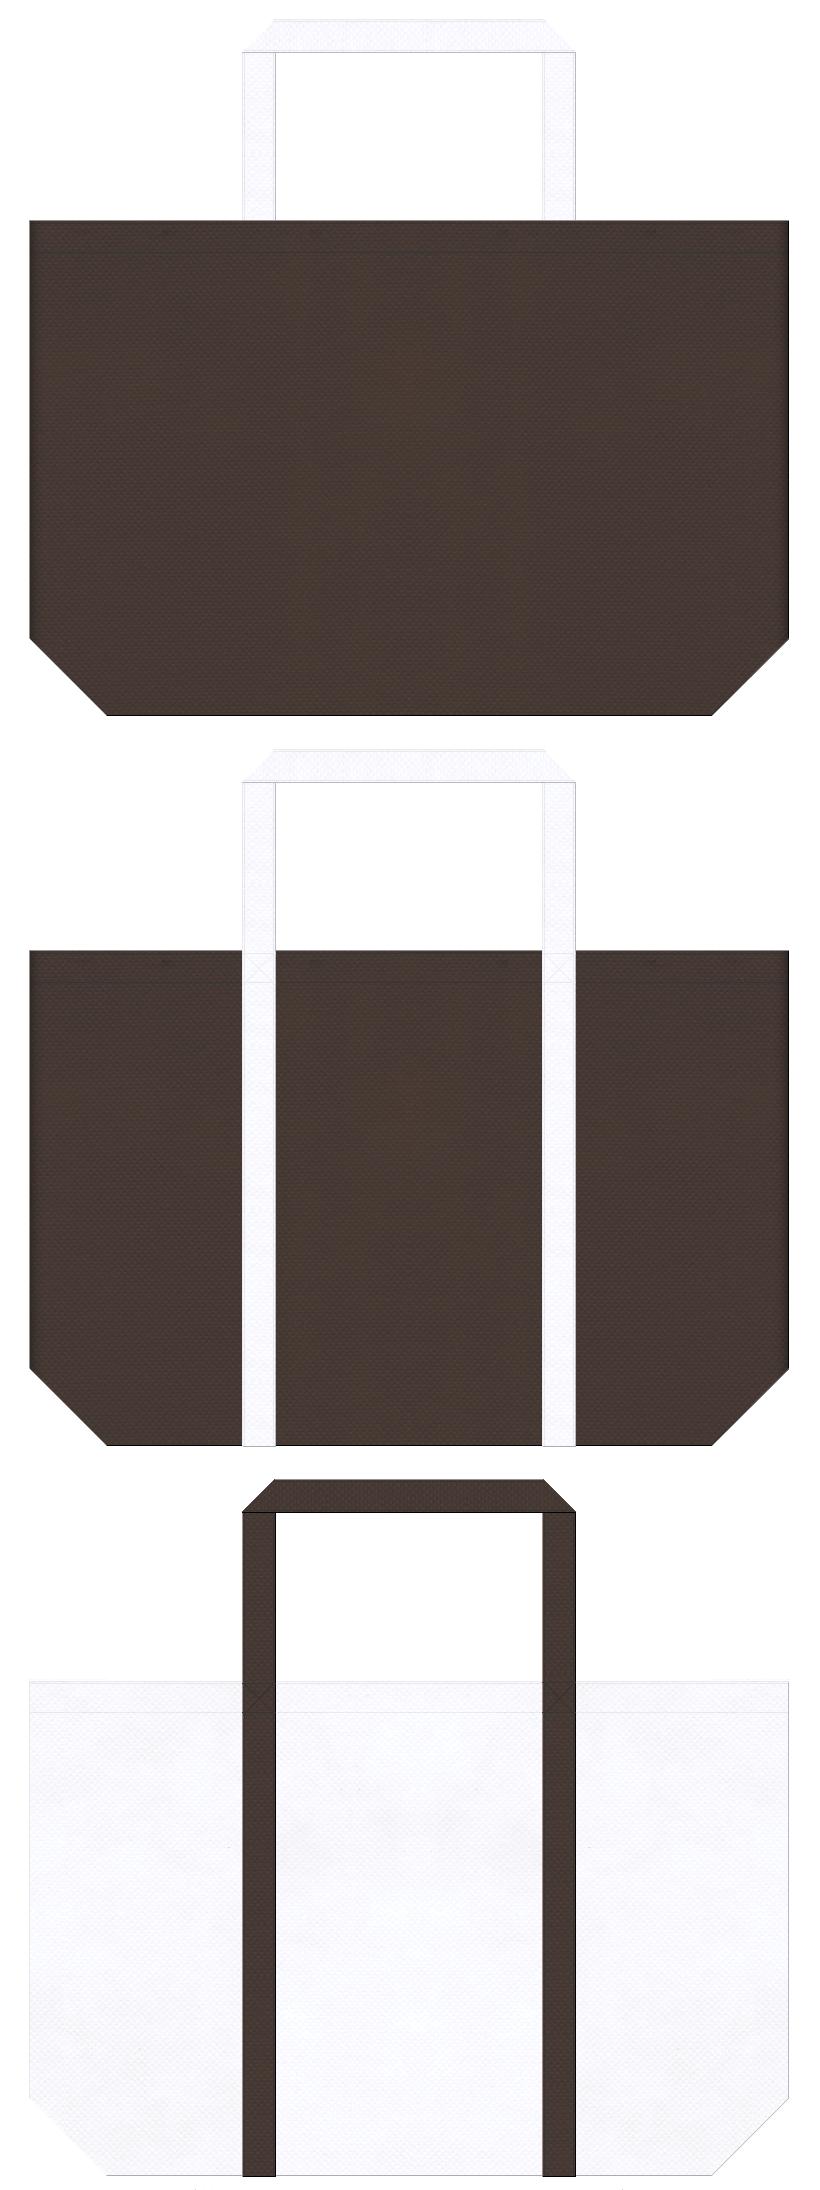 バッグノベルティのコーデ。こげ茶色と白色の不織布バッグデザイン。